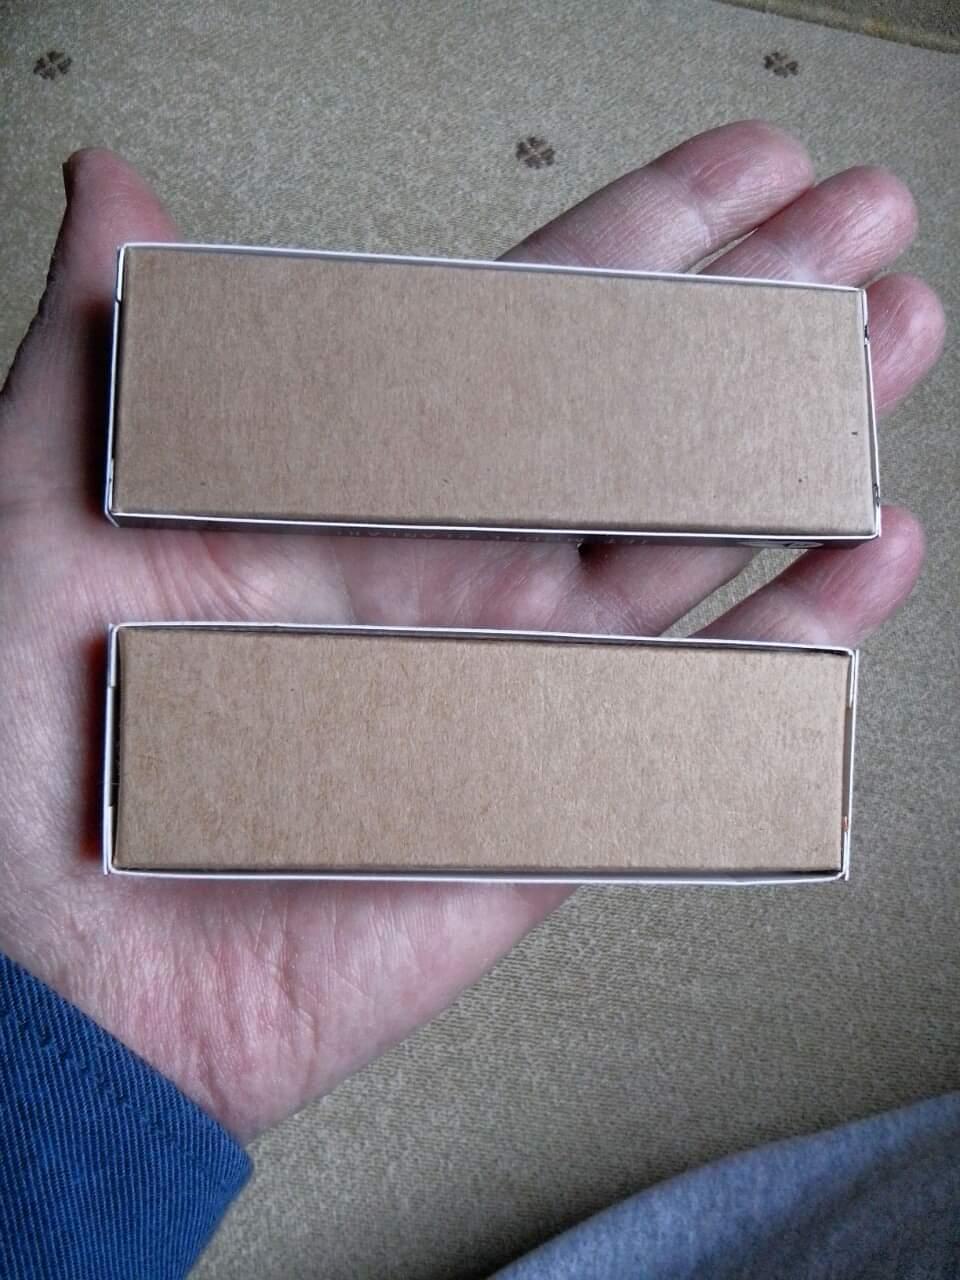 Miniature Model Kit Boxes Fb_img11